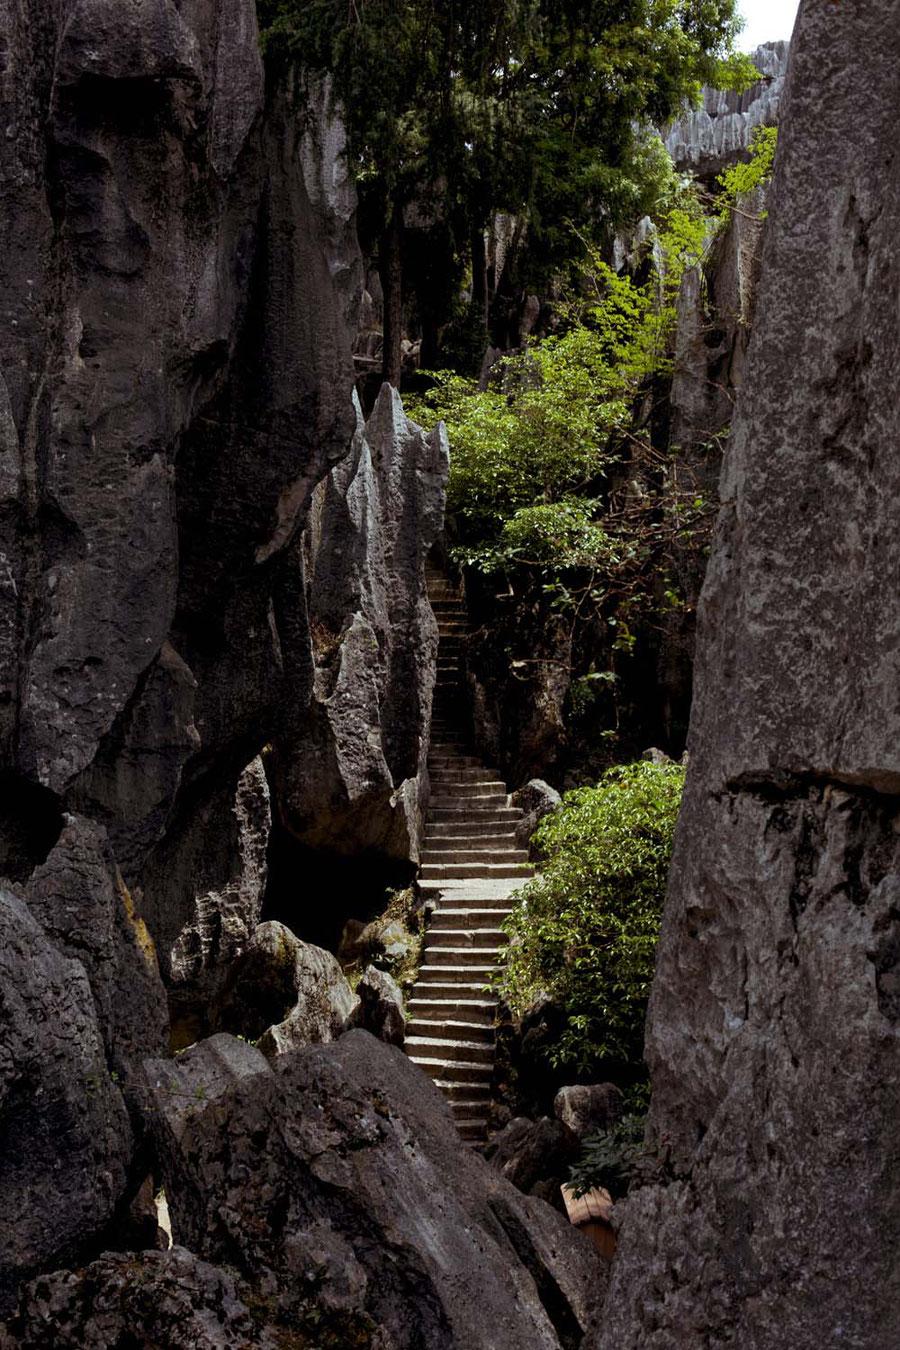 Wo Berge sind, sind auch Schluchten, Steinwald, Kunming, China